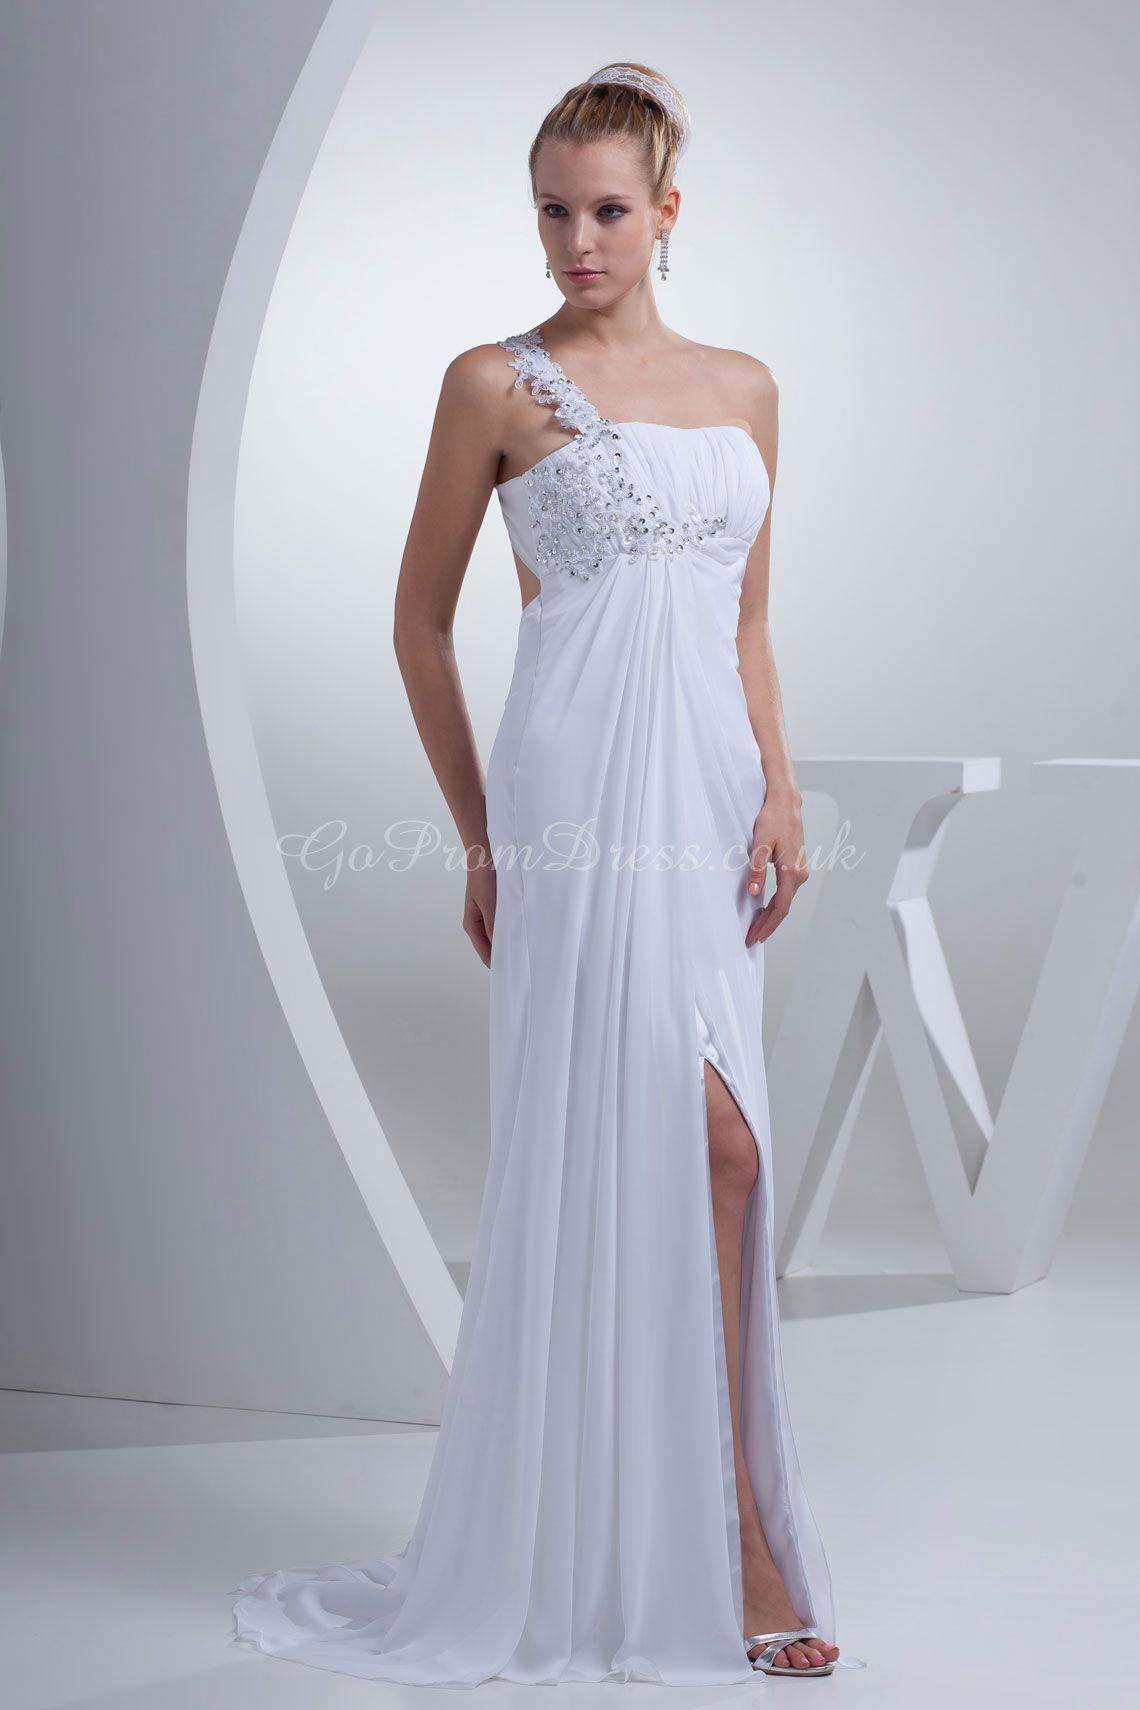 Wedding dress beach wedding dress wedding dress pinterest